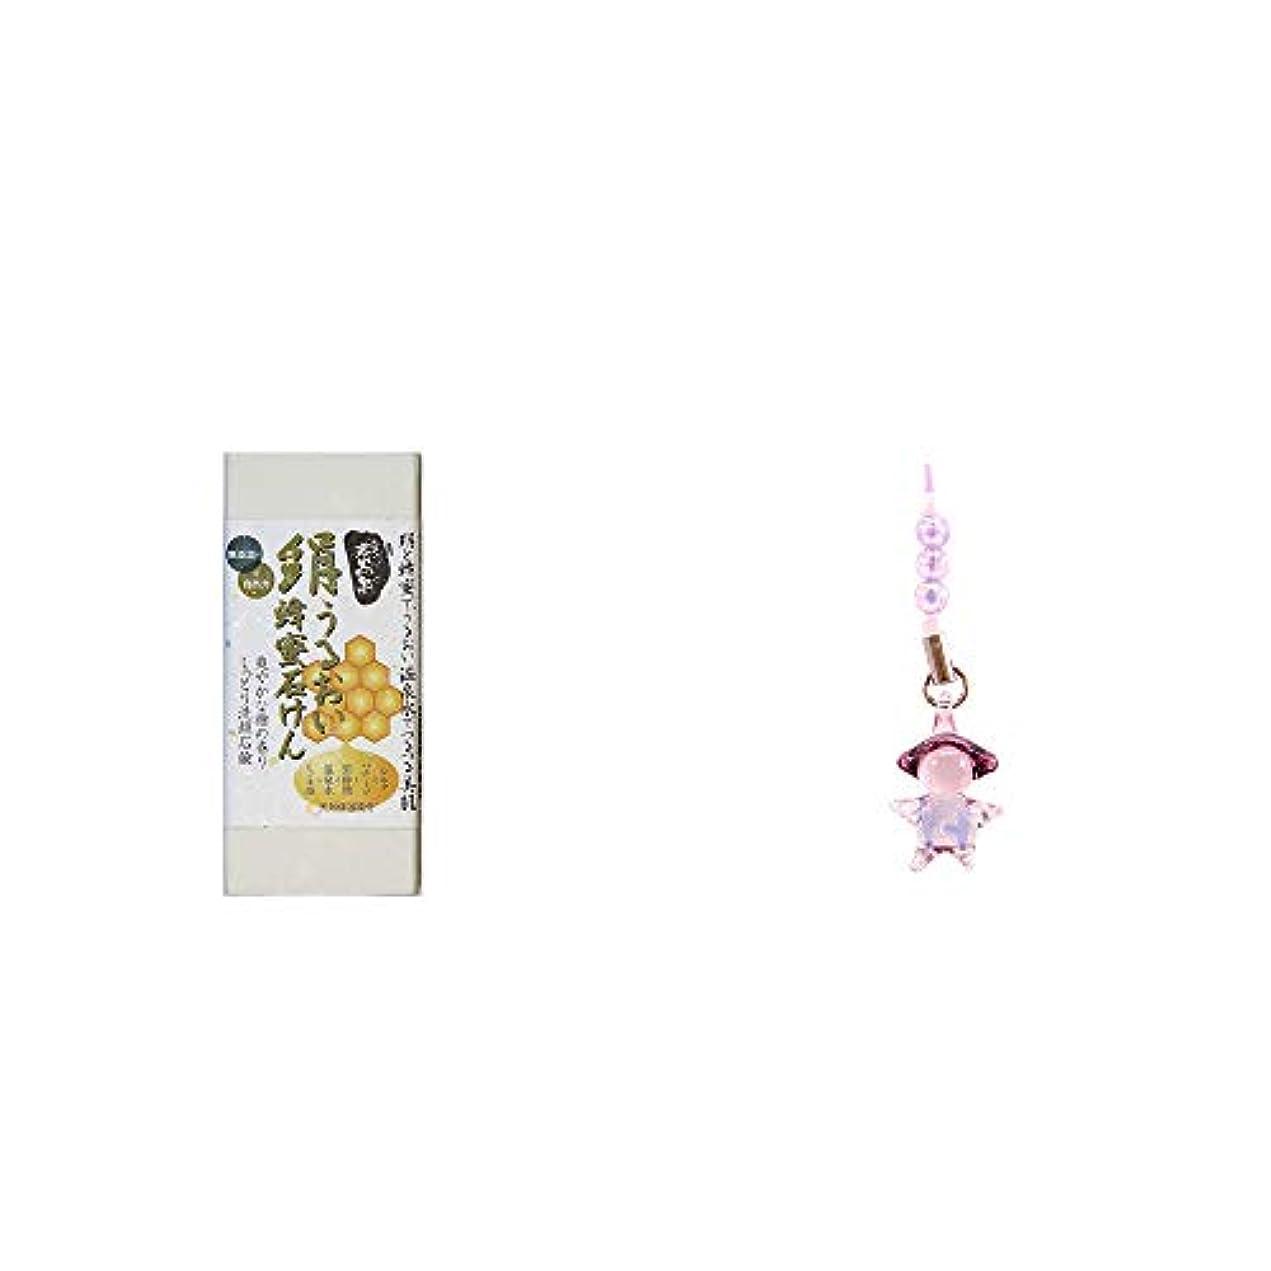 謎めいた推定する見物人[2点セット] ひのき炭黒泉 絹うるおい蜂蜜石けん(75g×2)?ガラスのさるぼぼ 手作りキーホルダー 【紫】 /出世運?健やかな長寿祈願?トップを目指す?魔除け//